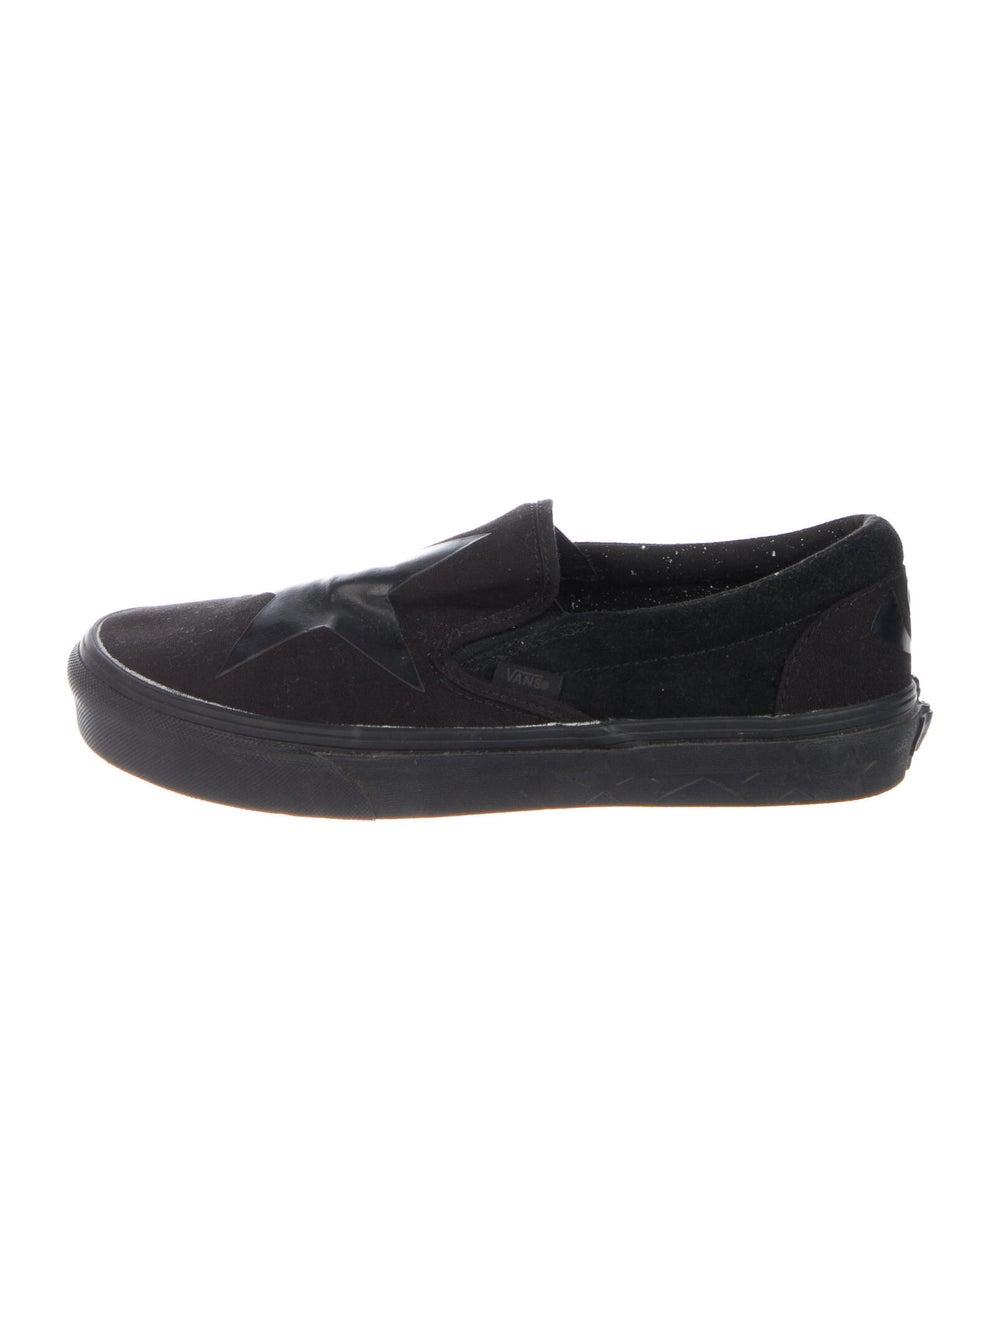 Vans x David Bowie Sneakers Black - image 1